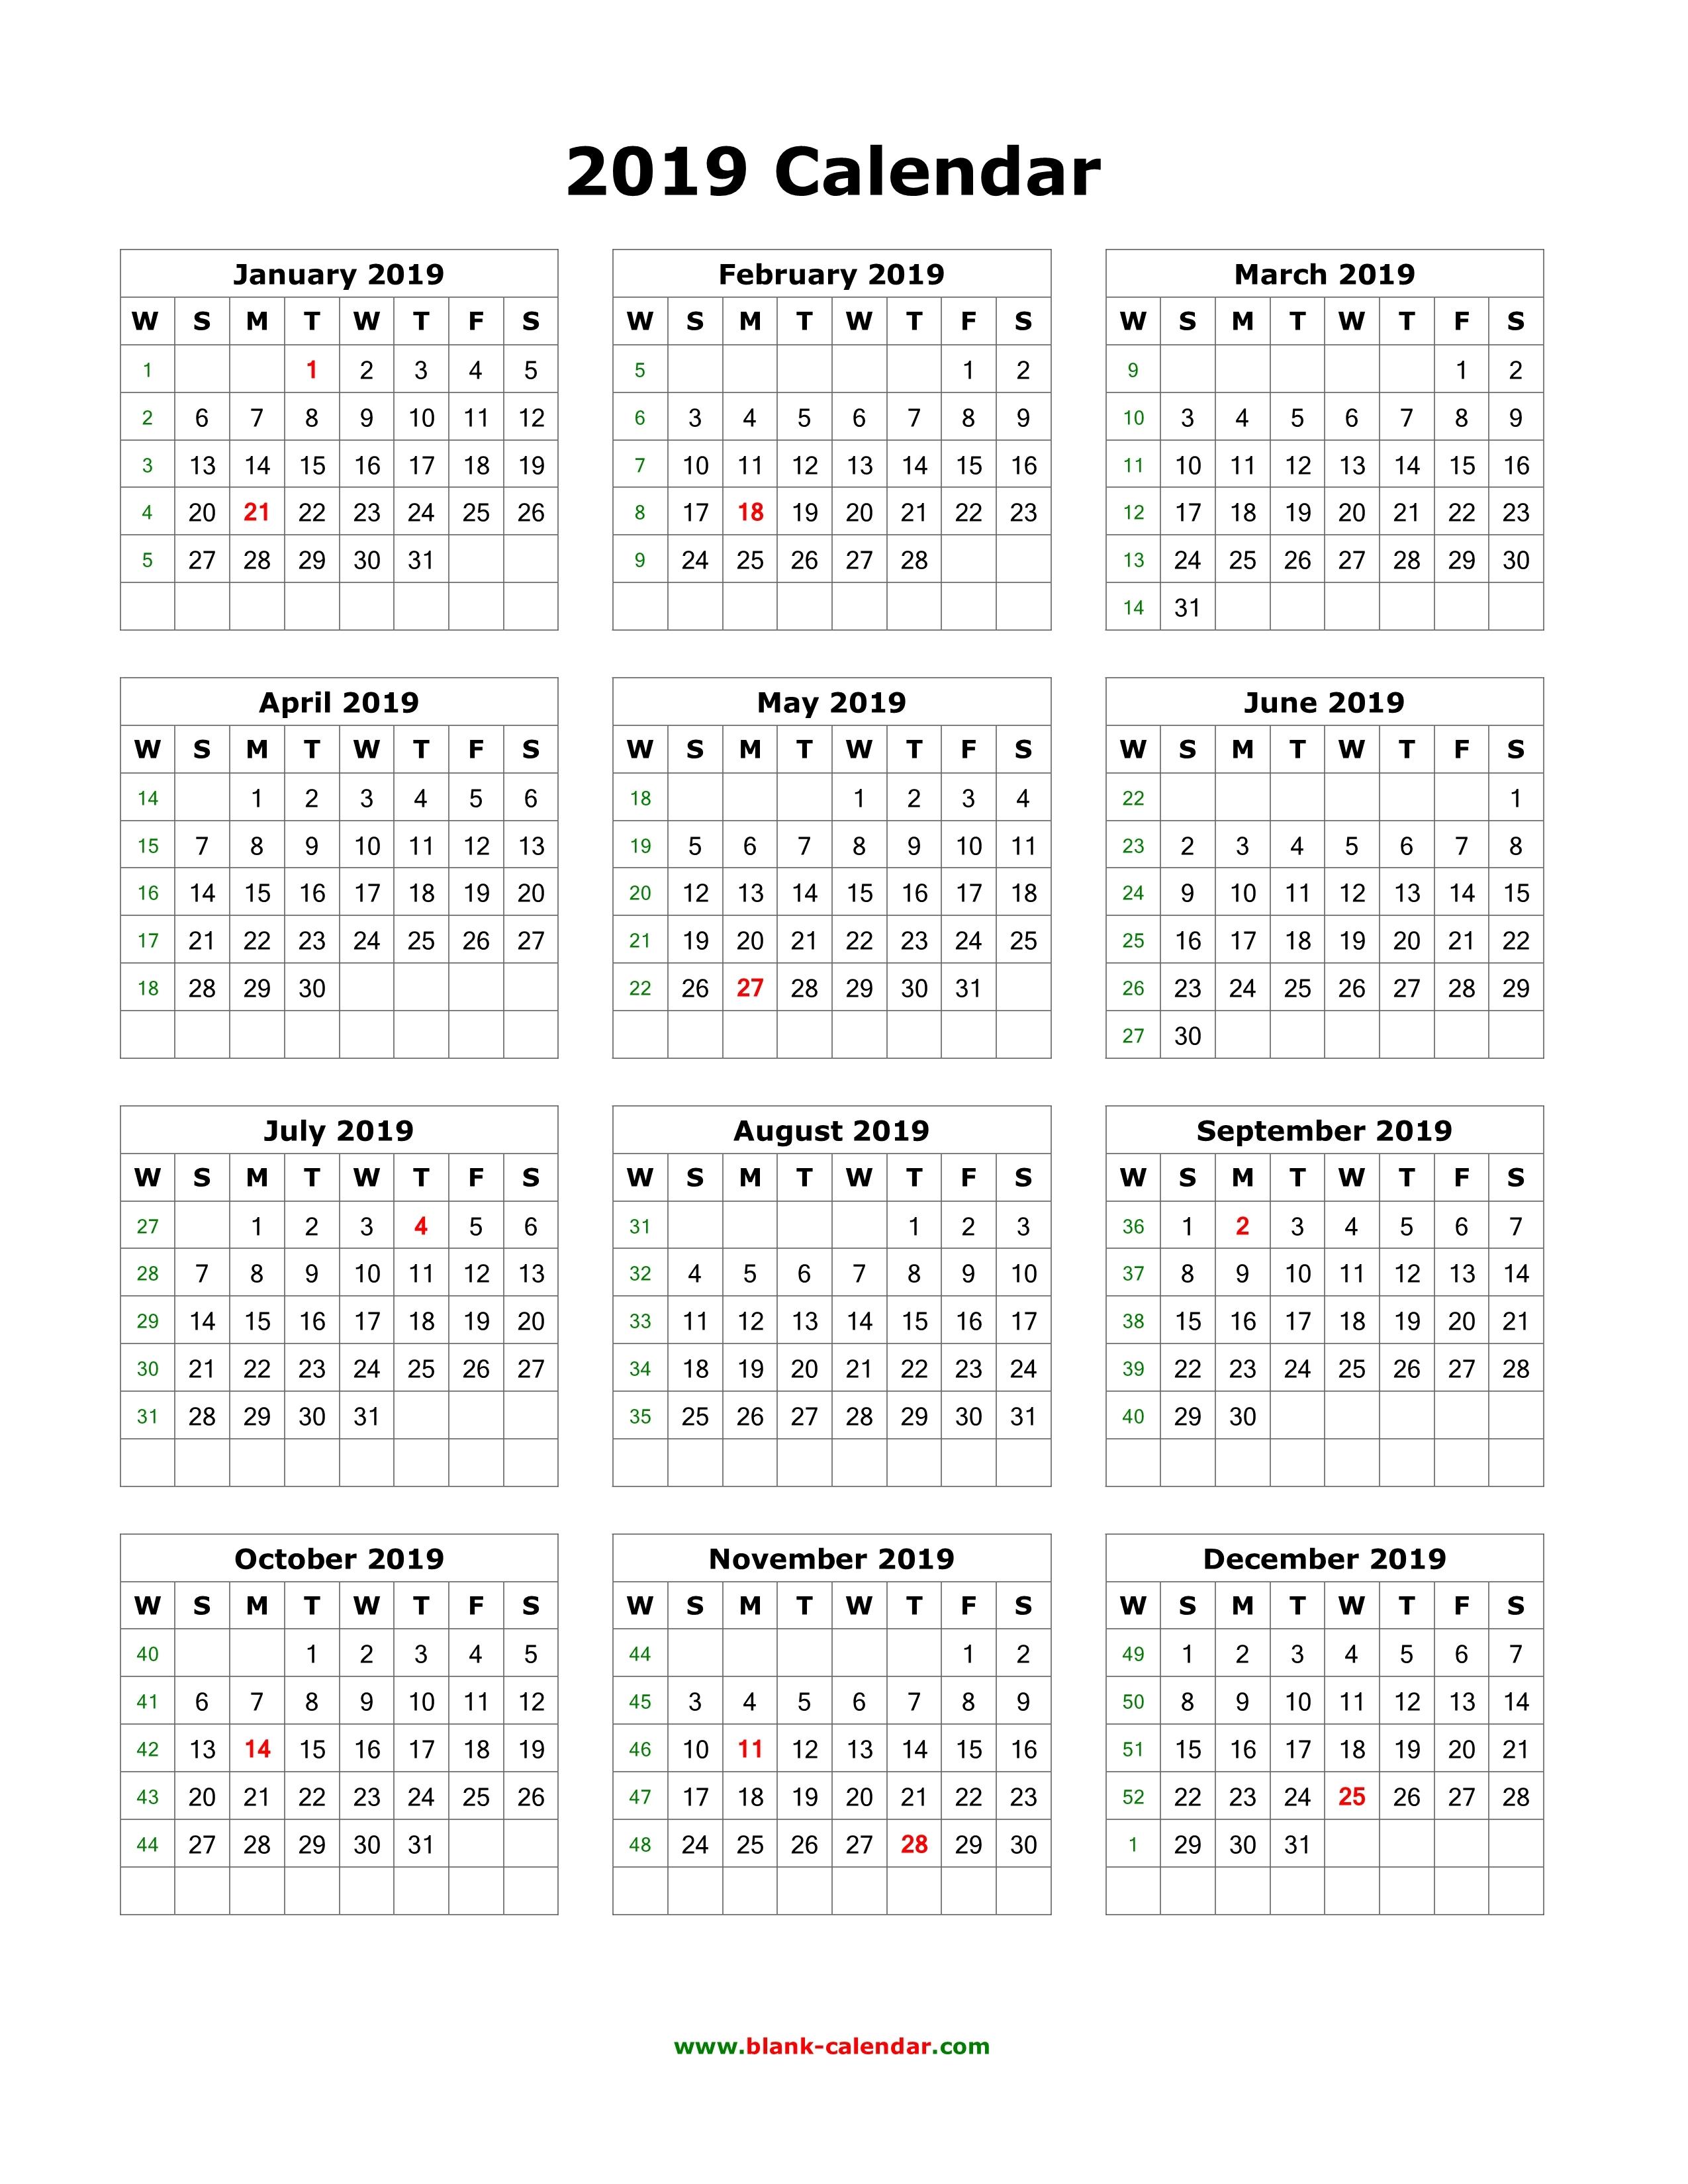 2019 12 month calendar printable